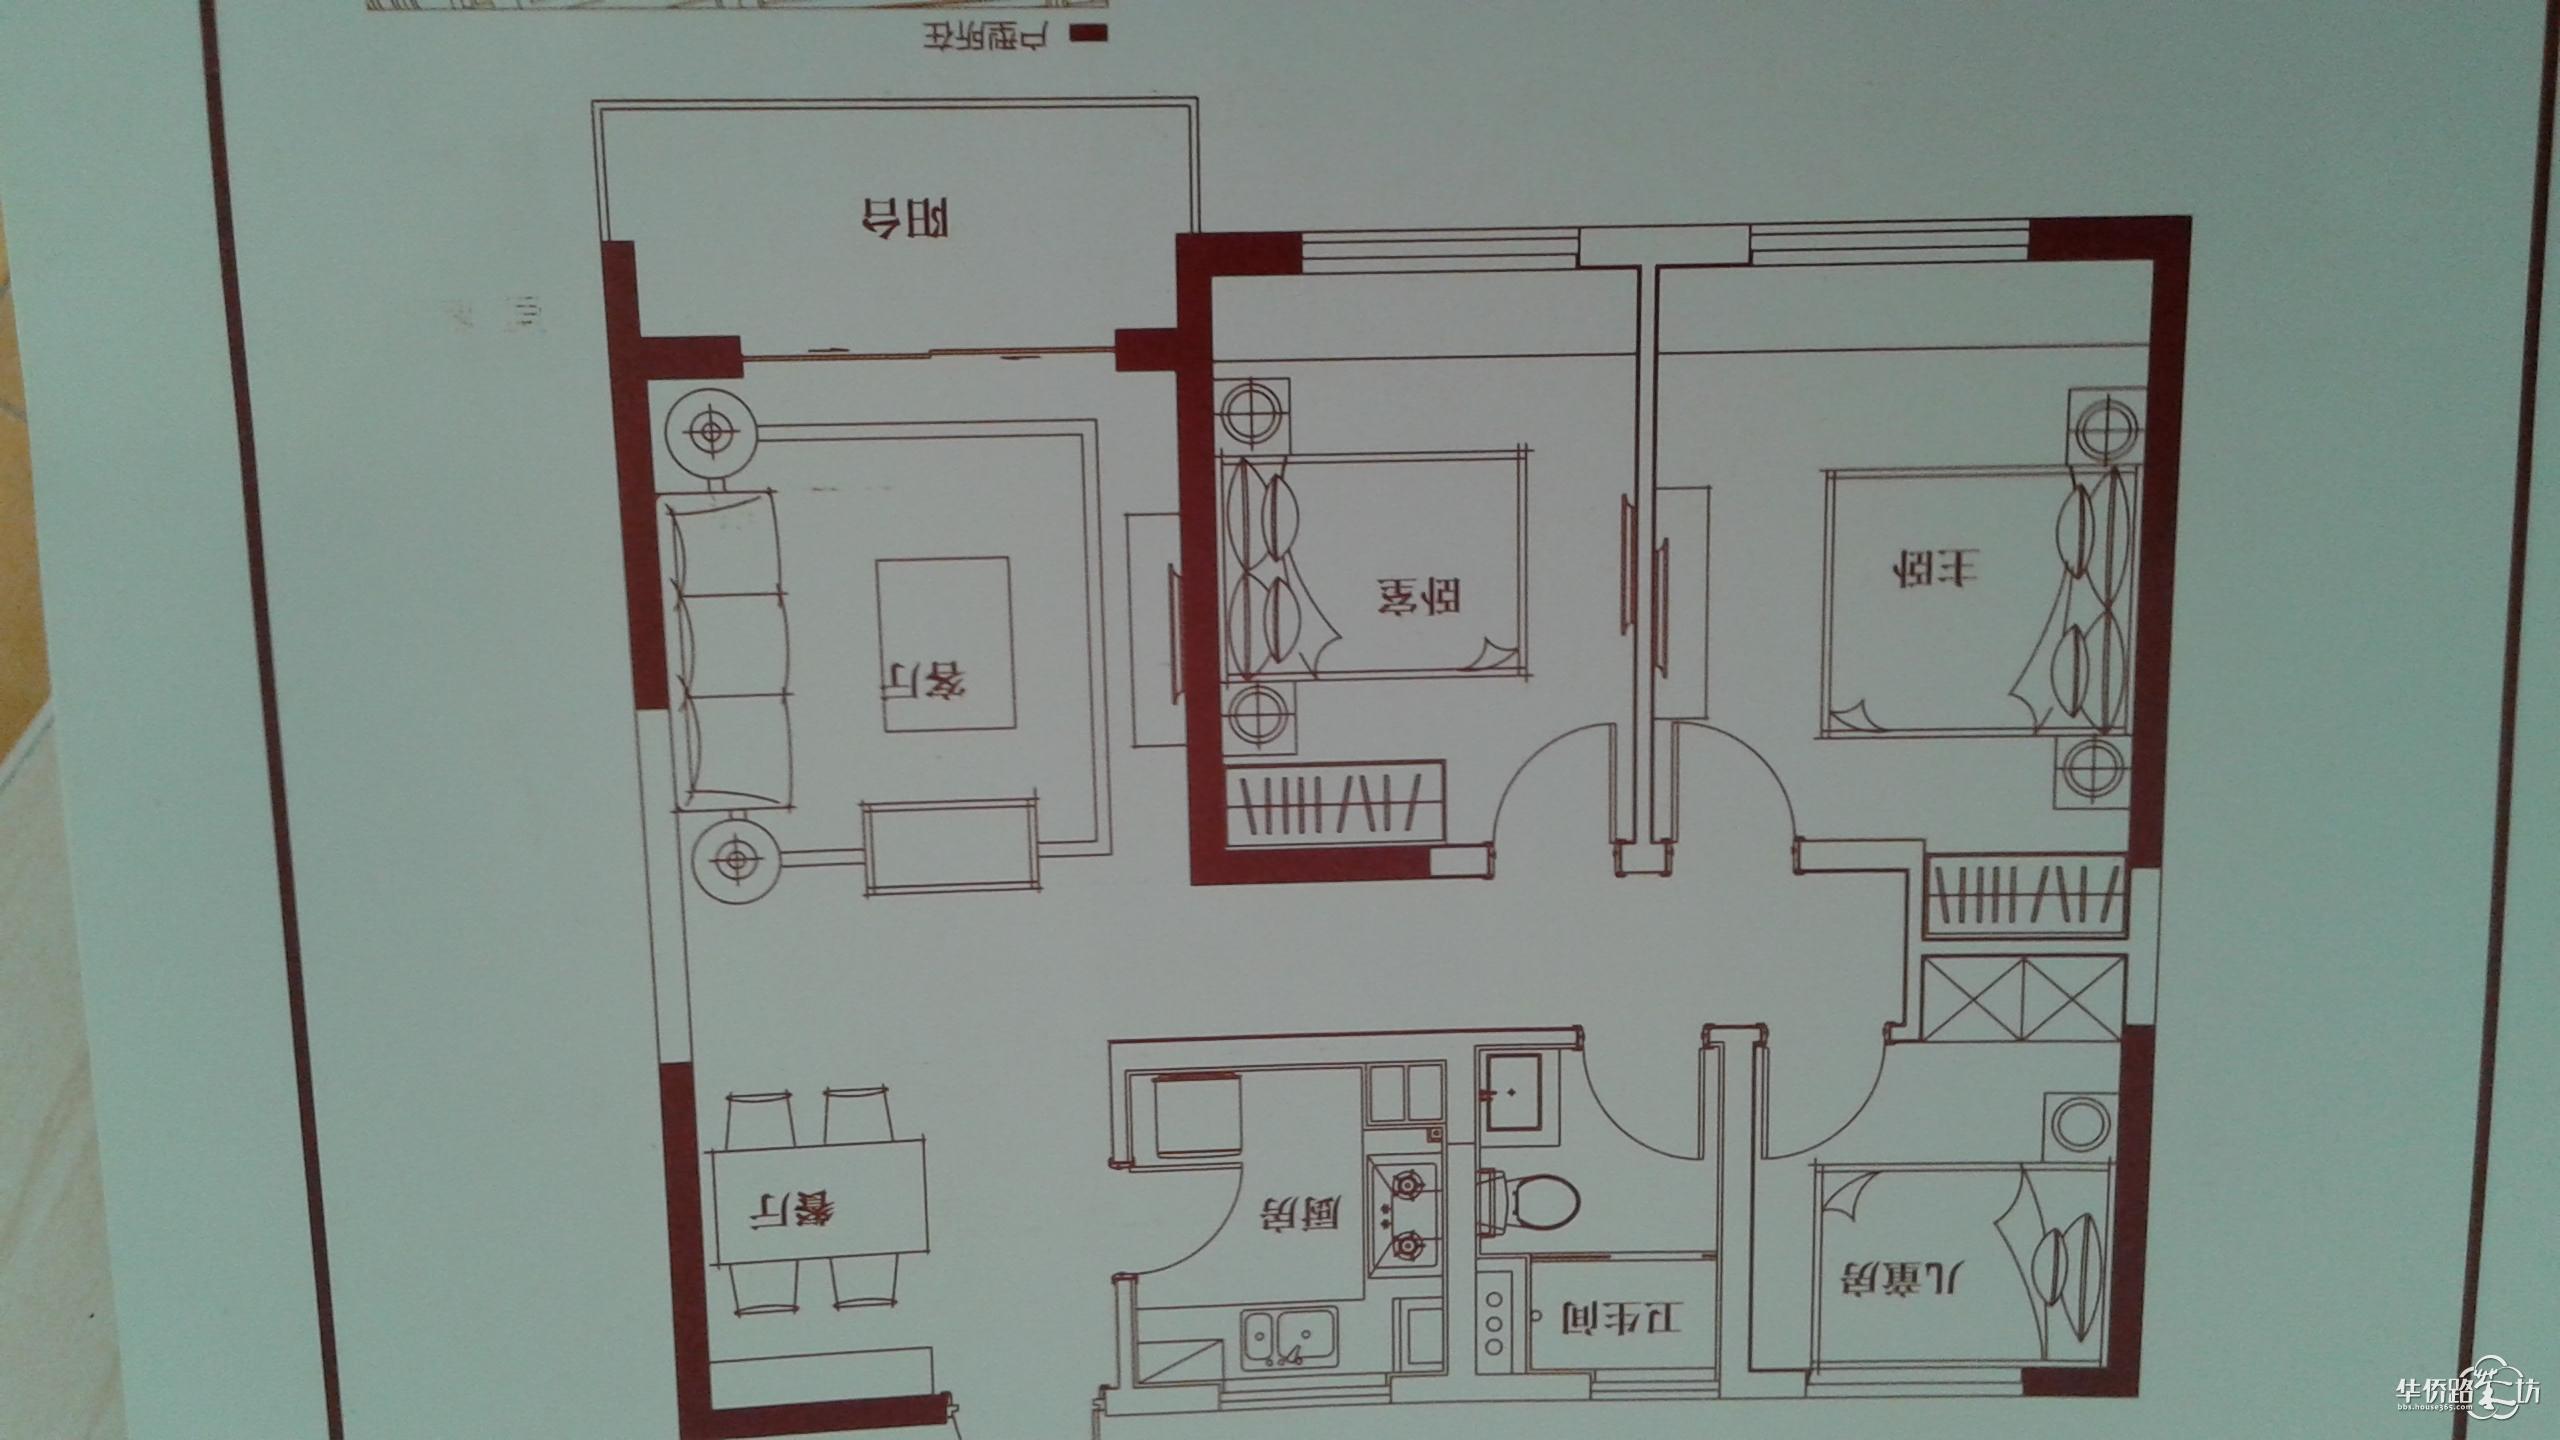 11米乘10米的房子的外观设计图展示